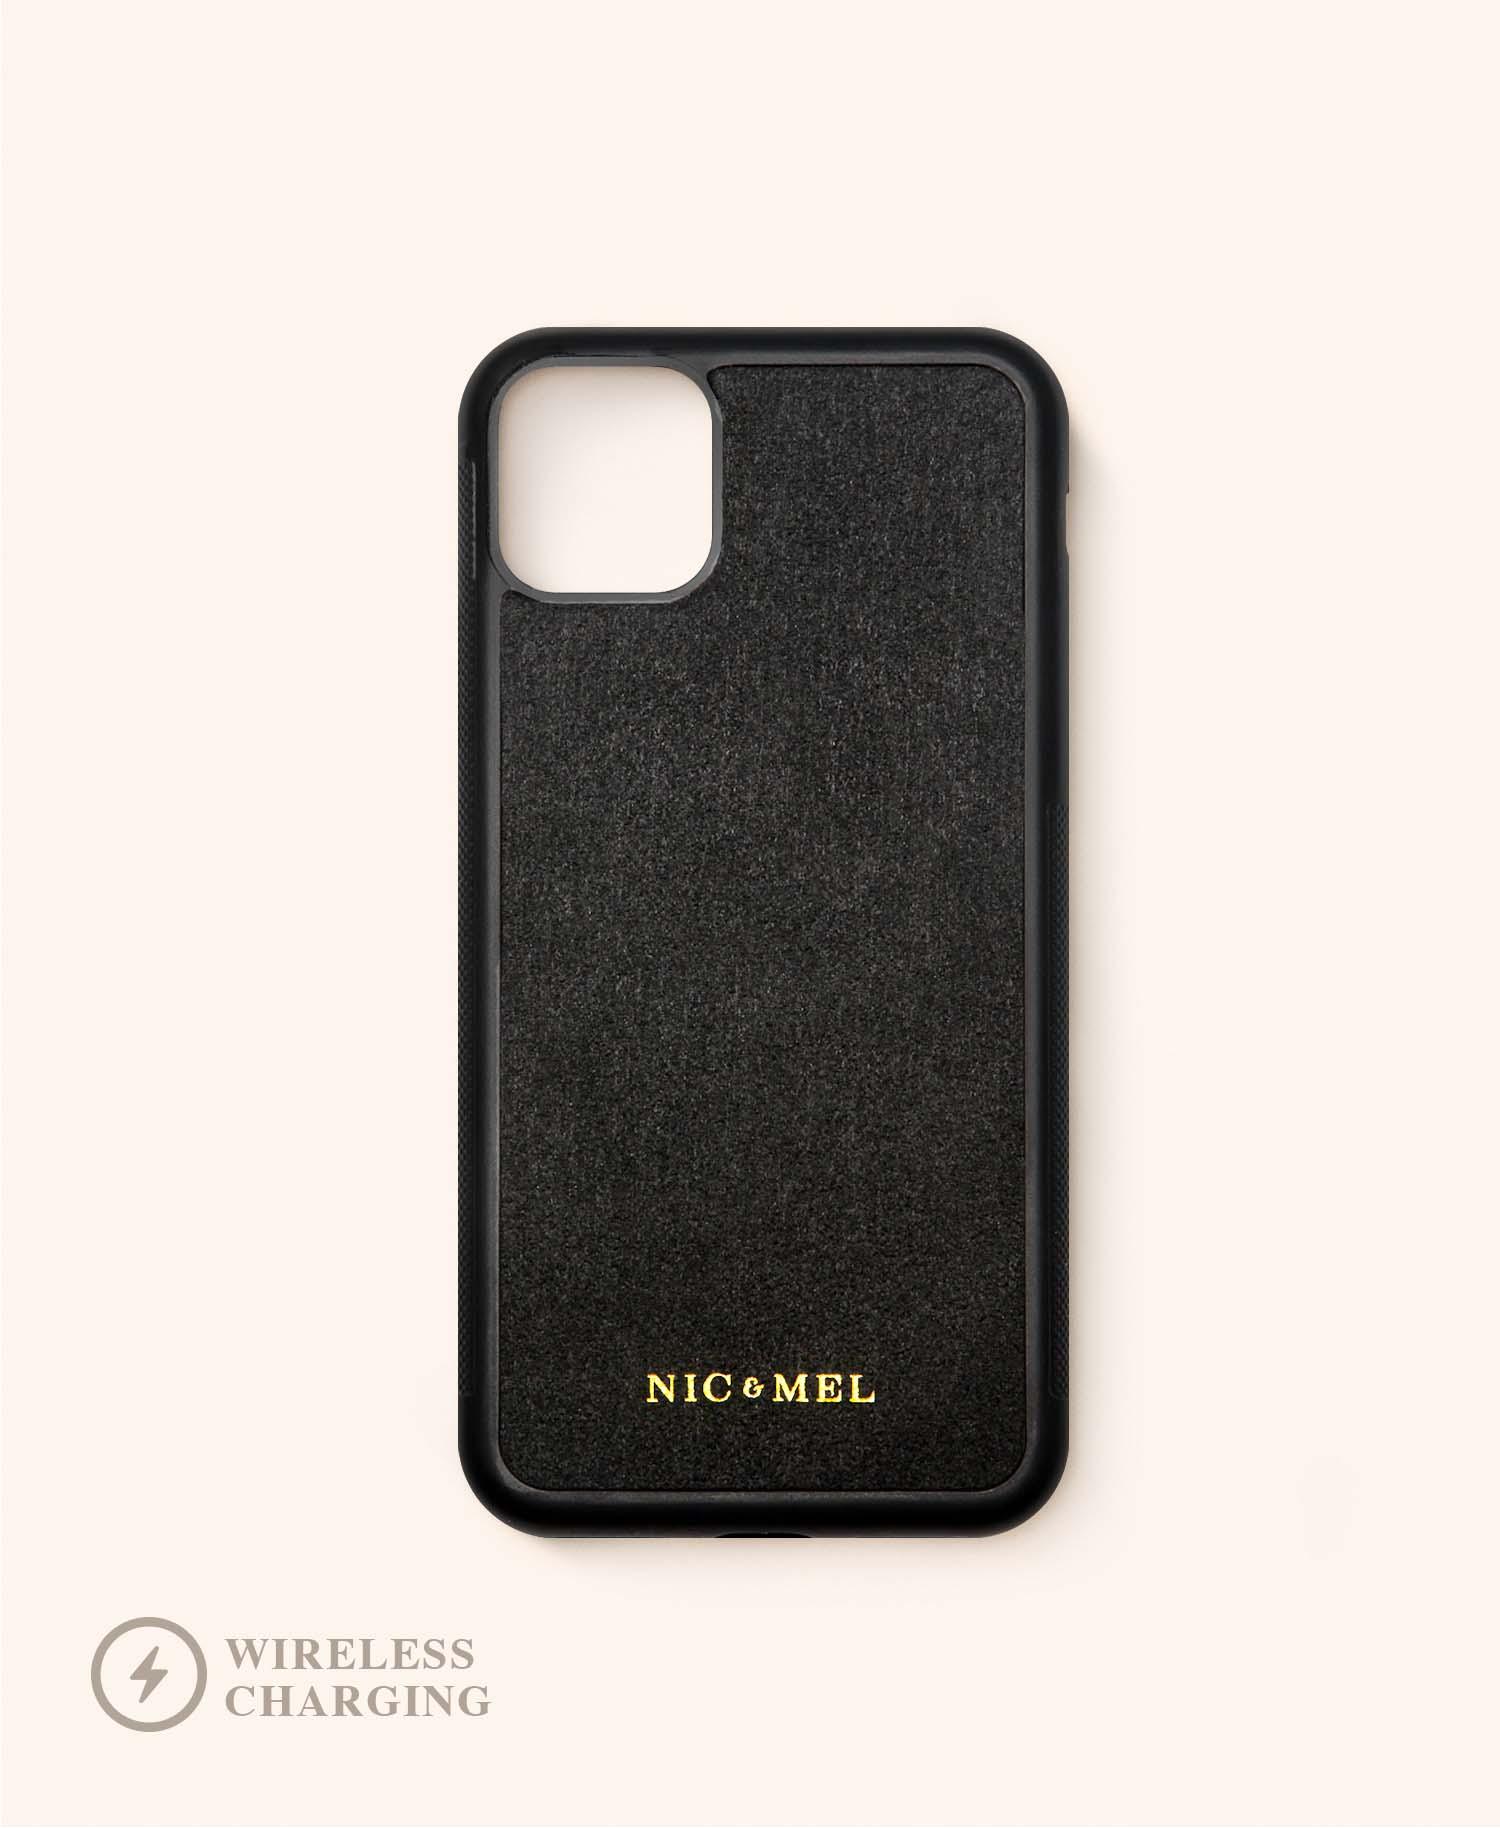 Magcase black iphone 11